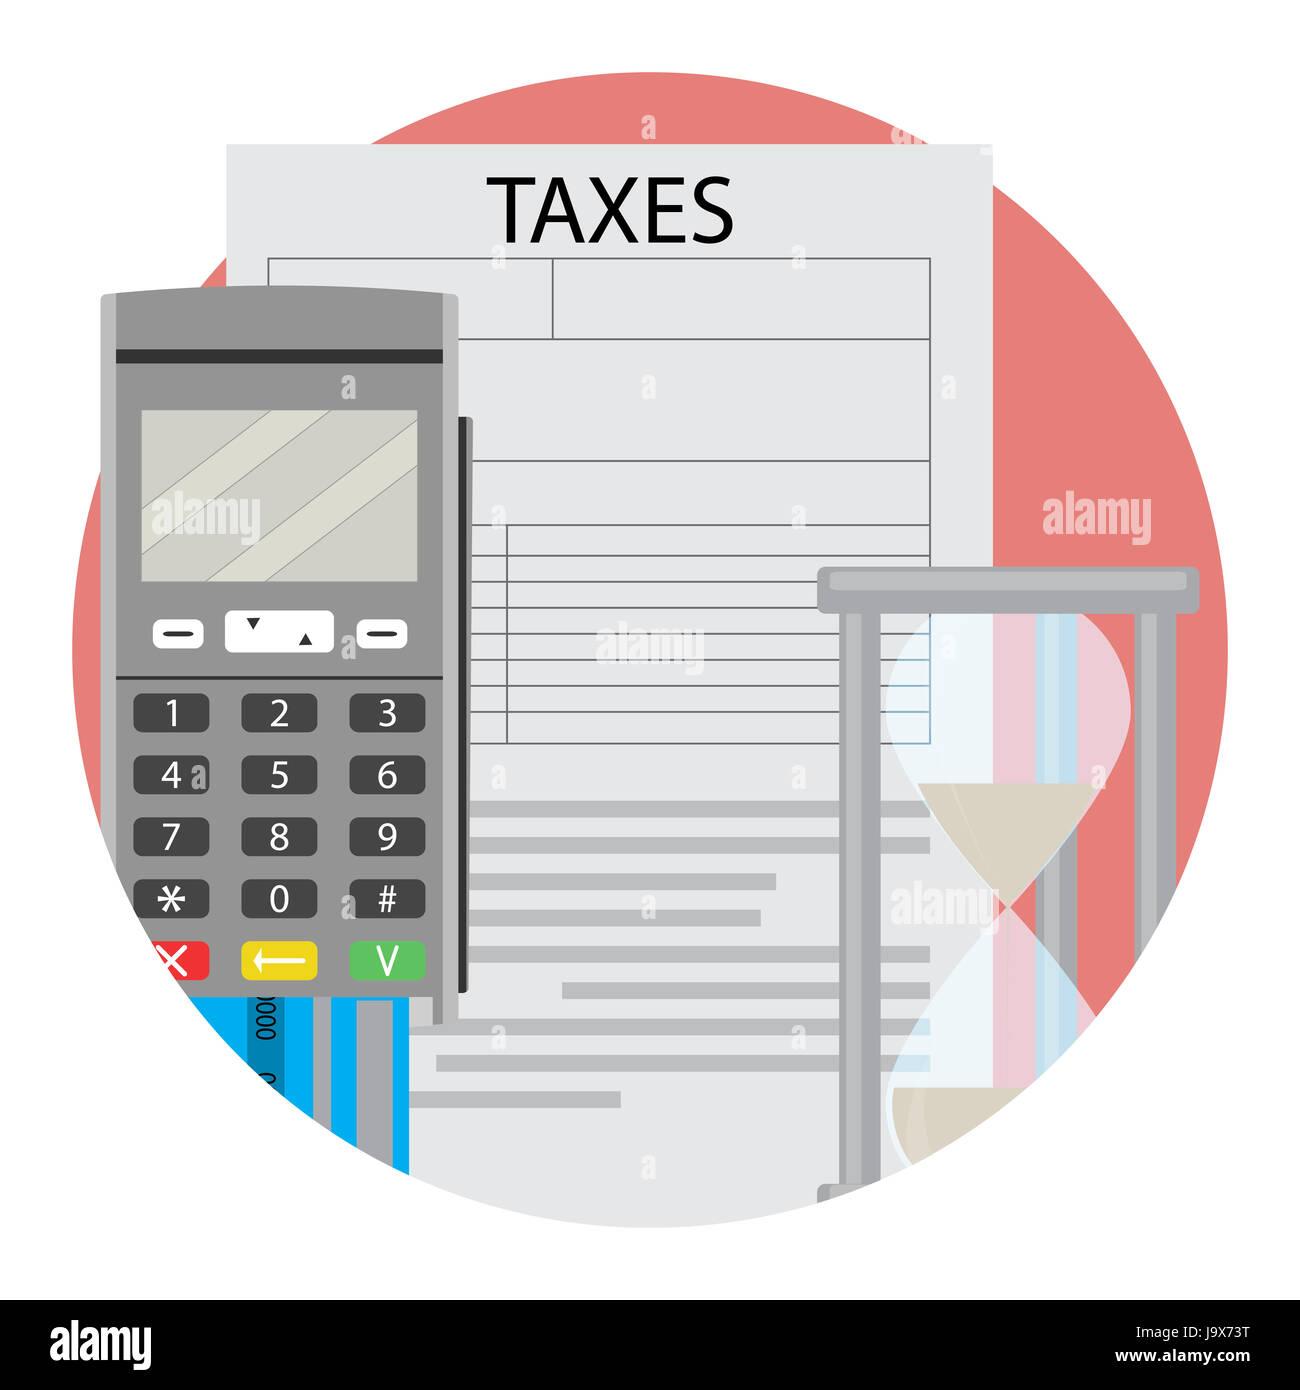 Symbol-Zeit, Steuern zu zahlen. Steuer Vorbereitung Zeichen Symbole ...